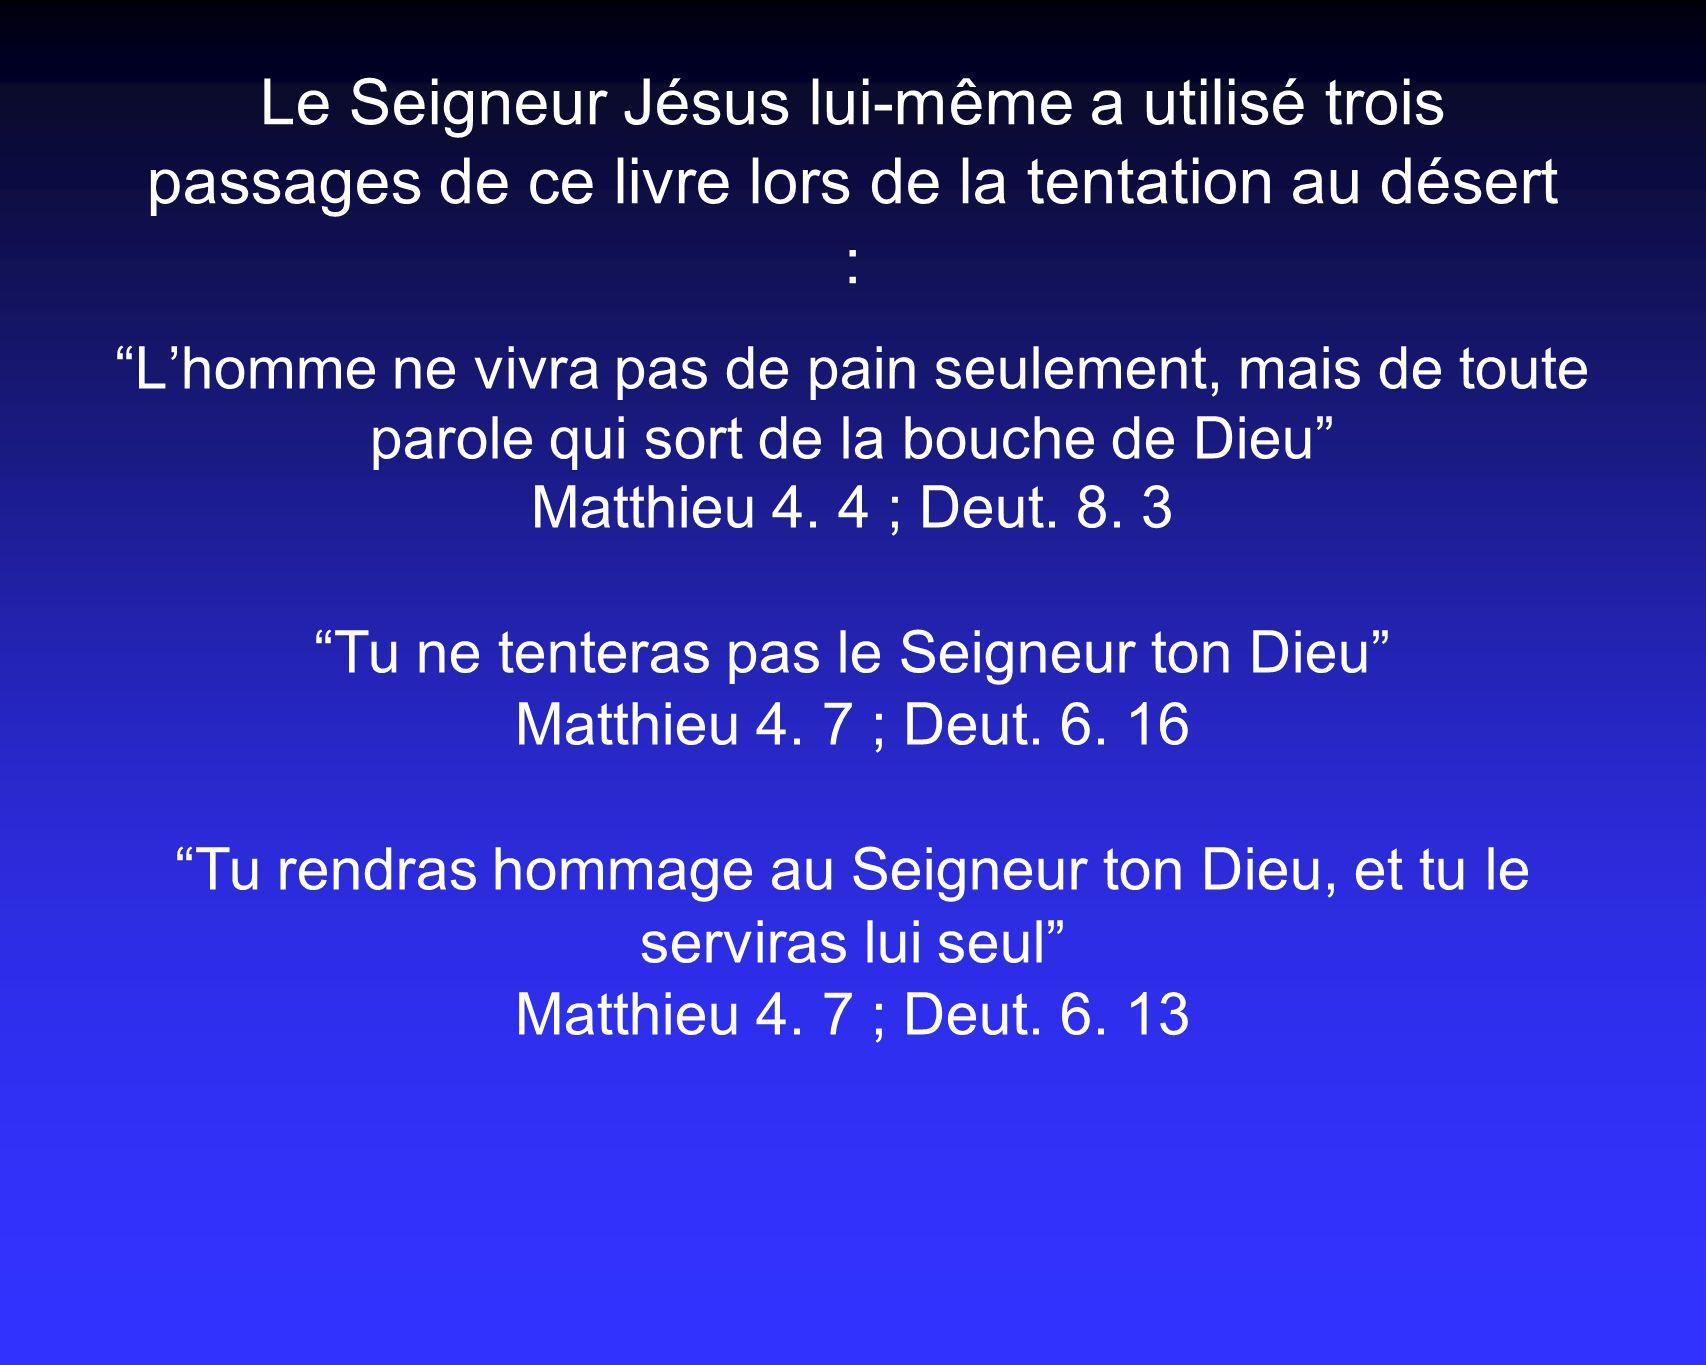 Le Seigneur Jésus lui-même a utilisé trois passages de ce livre lors de la tentation au désert :